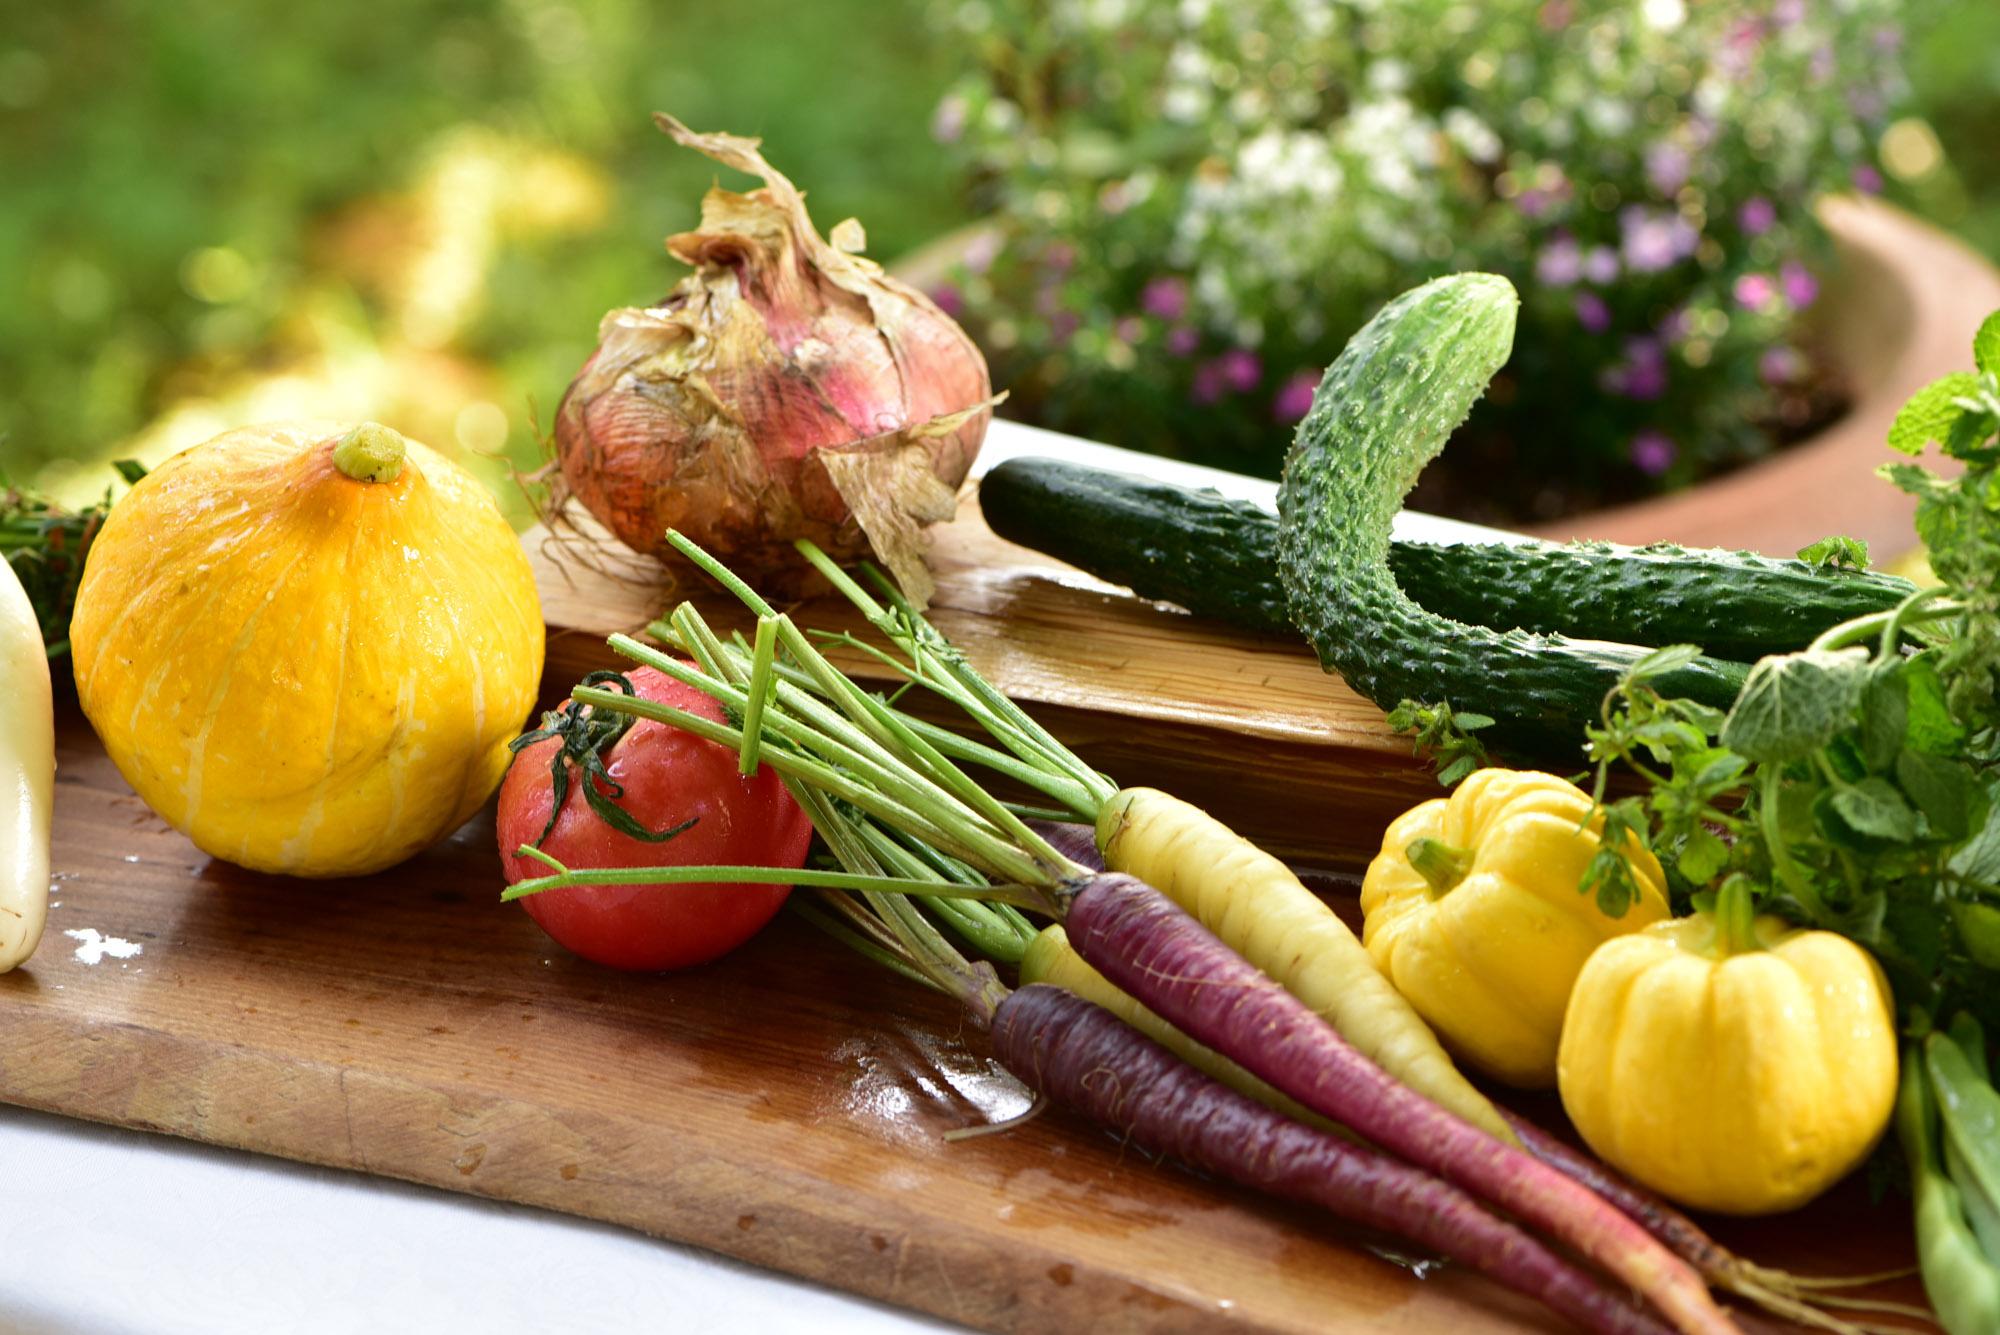 8月19日(土)「畑の収穫美食会」のご案内